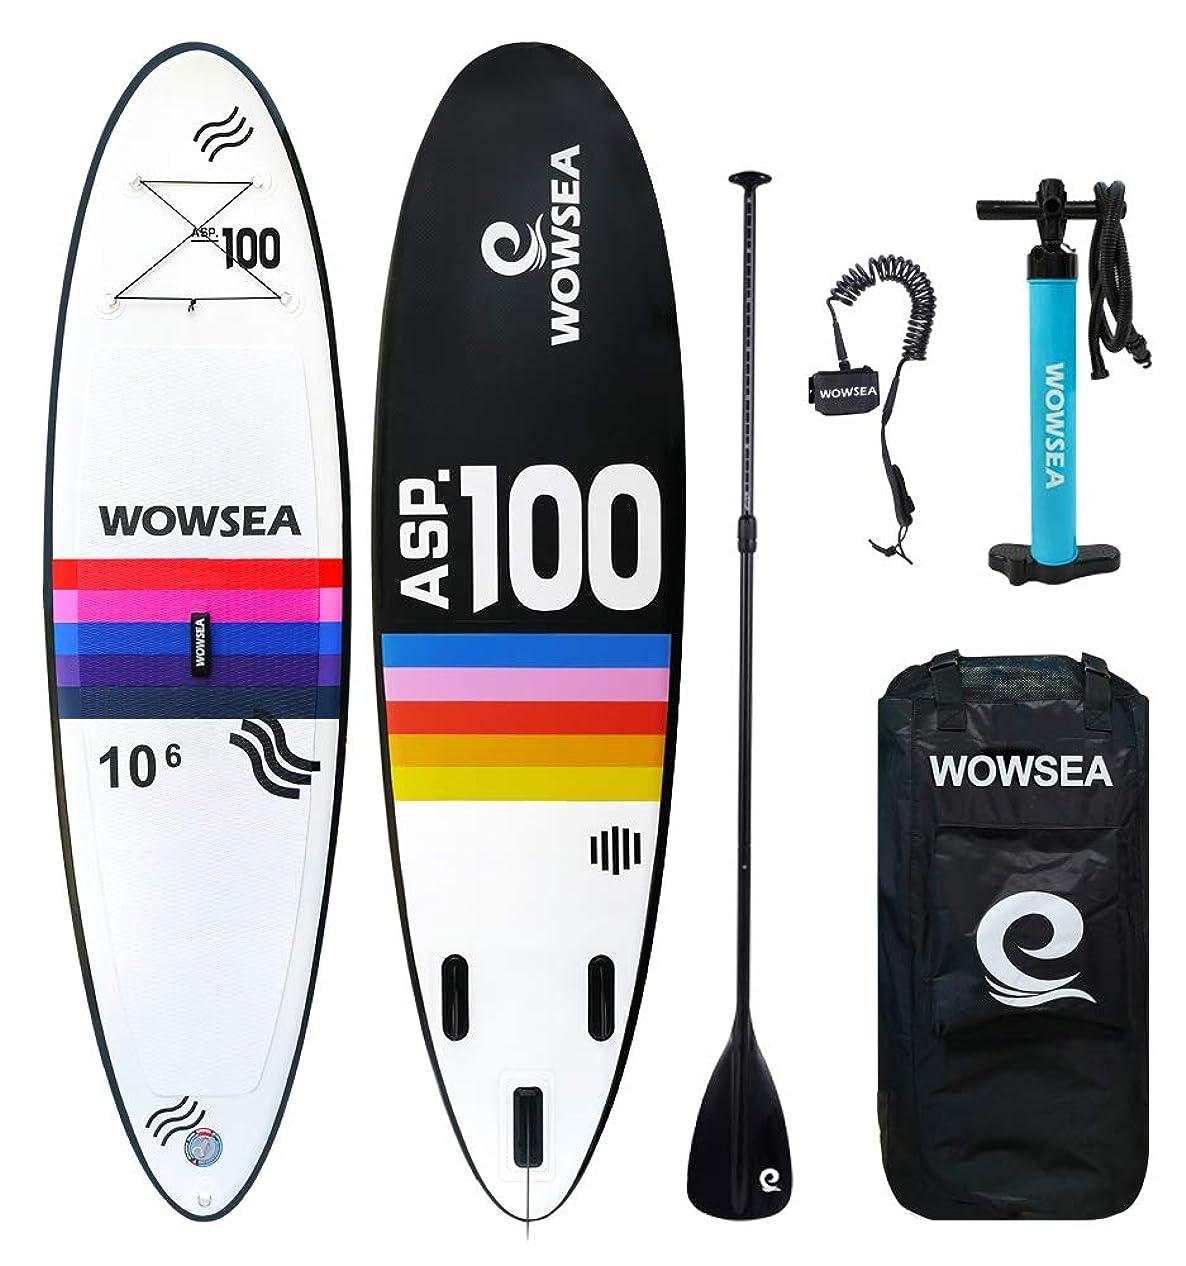 スリラービジュアル賢い彩色 SUP サップ インフレータブルパドルボード - WOWSEA AN5 長305cm 幅80cm 積載重量130kg マリンスポーツ 海 夏 釣り用SUP スタンドアップパドルボード フルセット